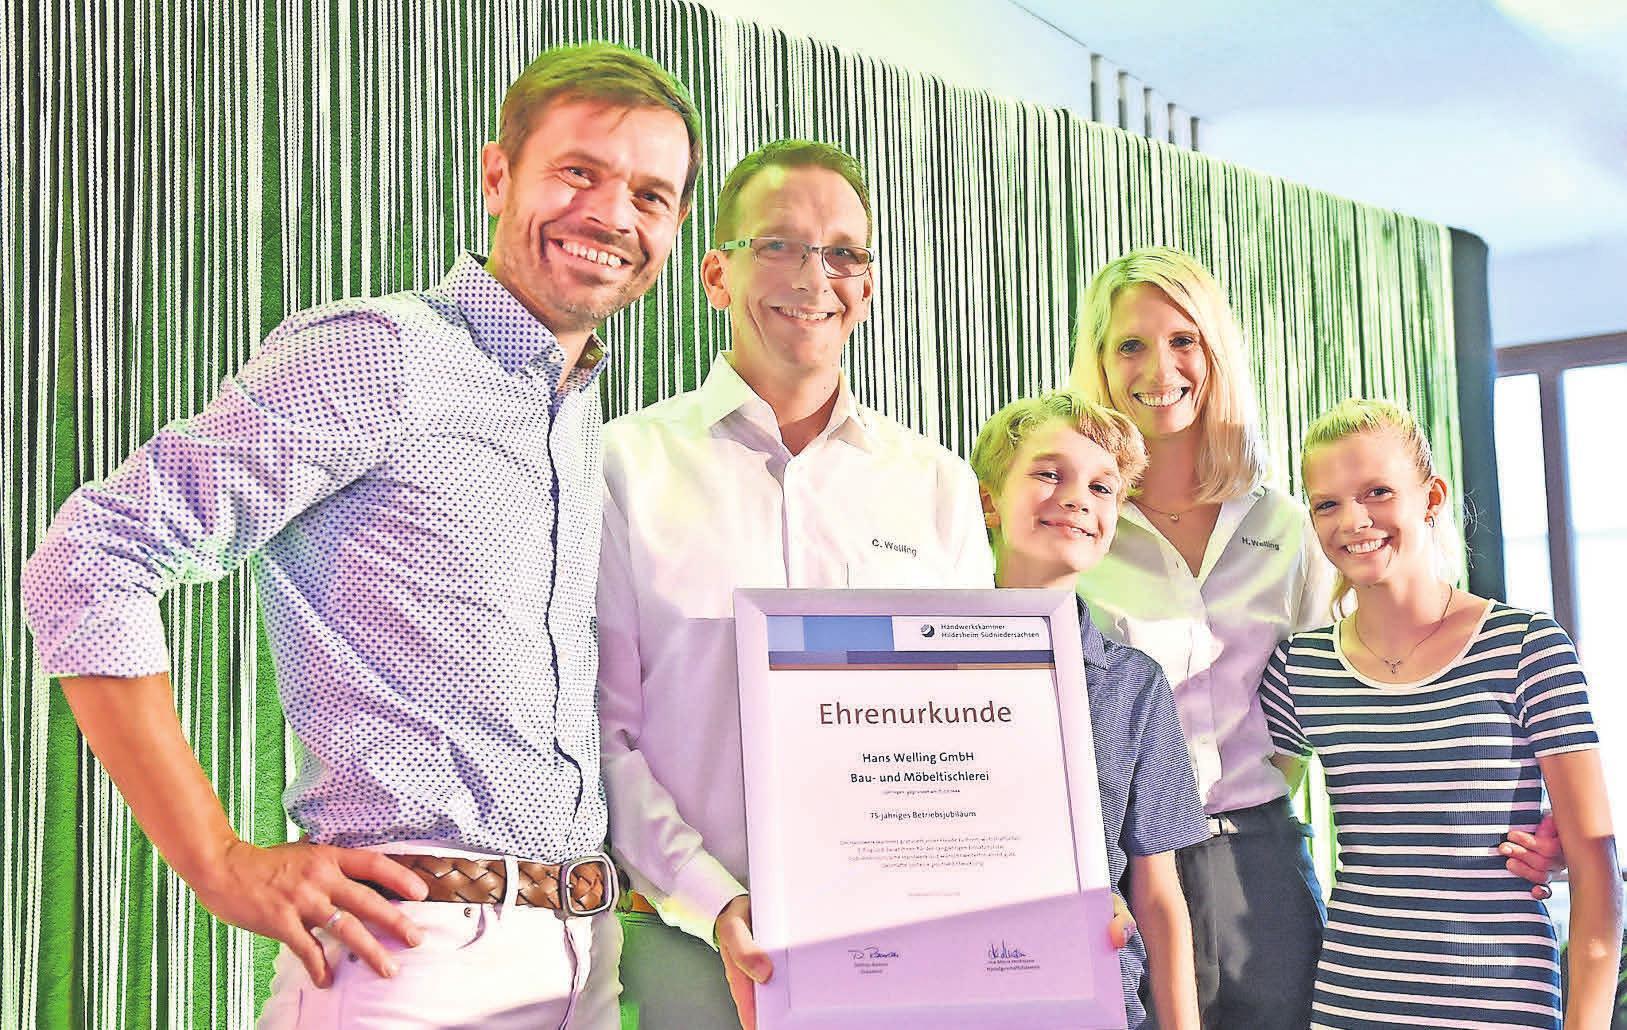 Übergabe der Ehrenurkunde (v.l.): Christian Fröhlich, Christoph, Tom, Heike und Merle Welling. FOTO: MISCHKE